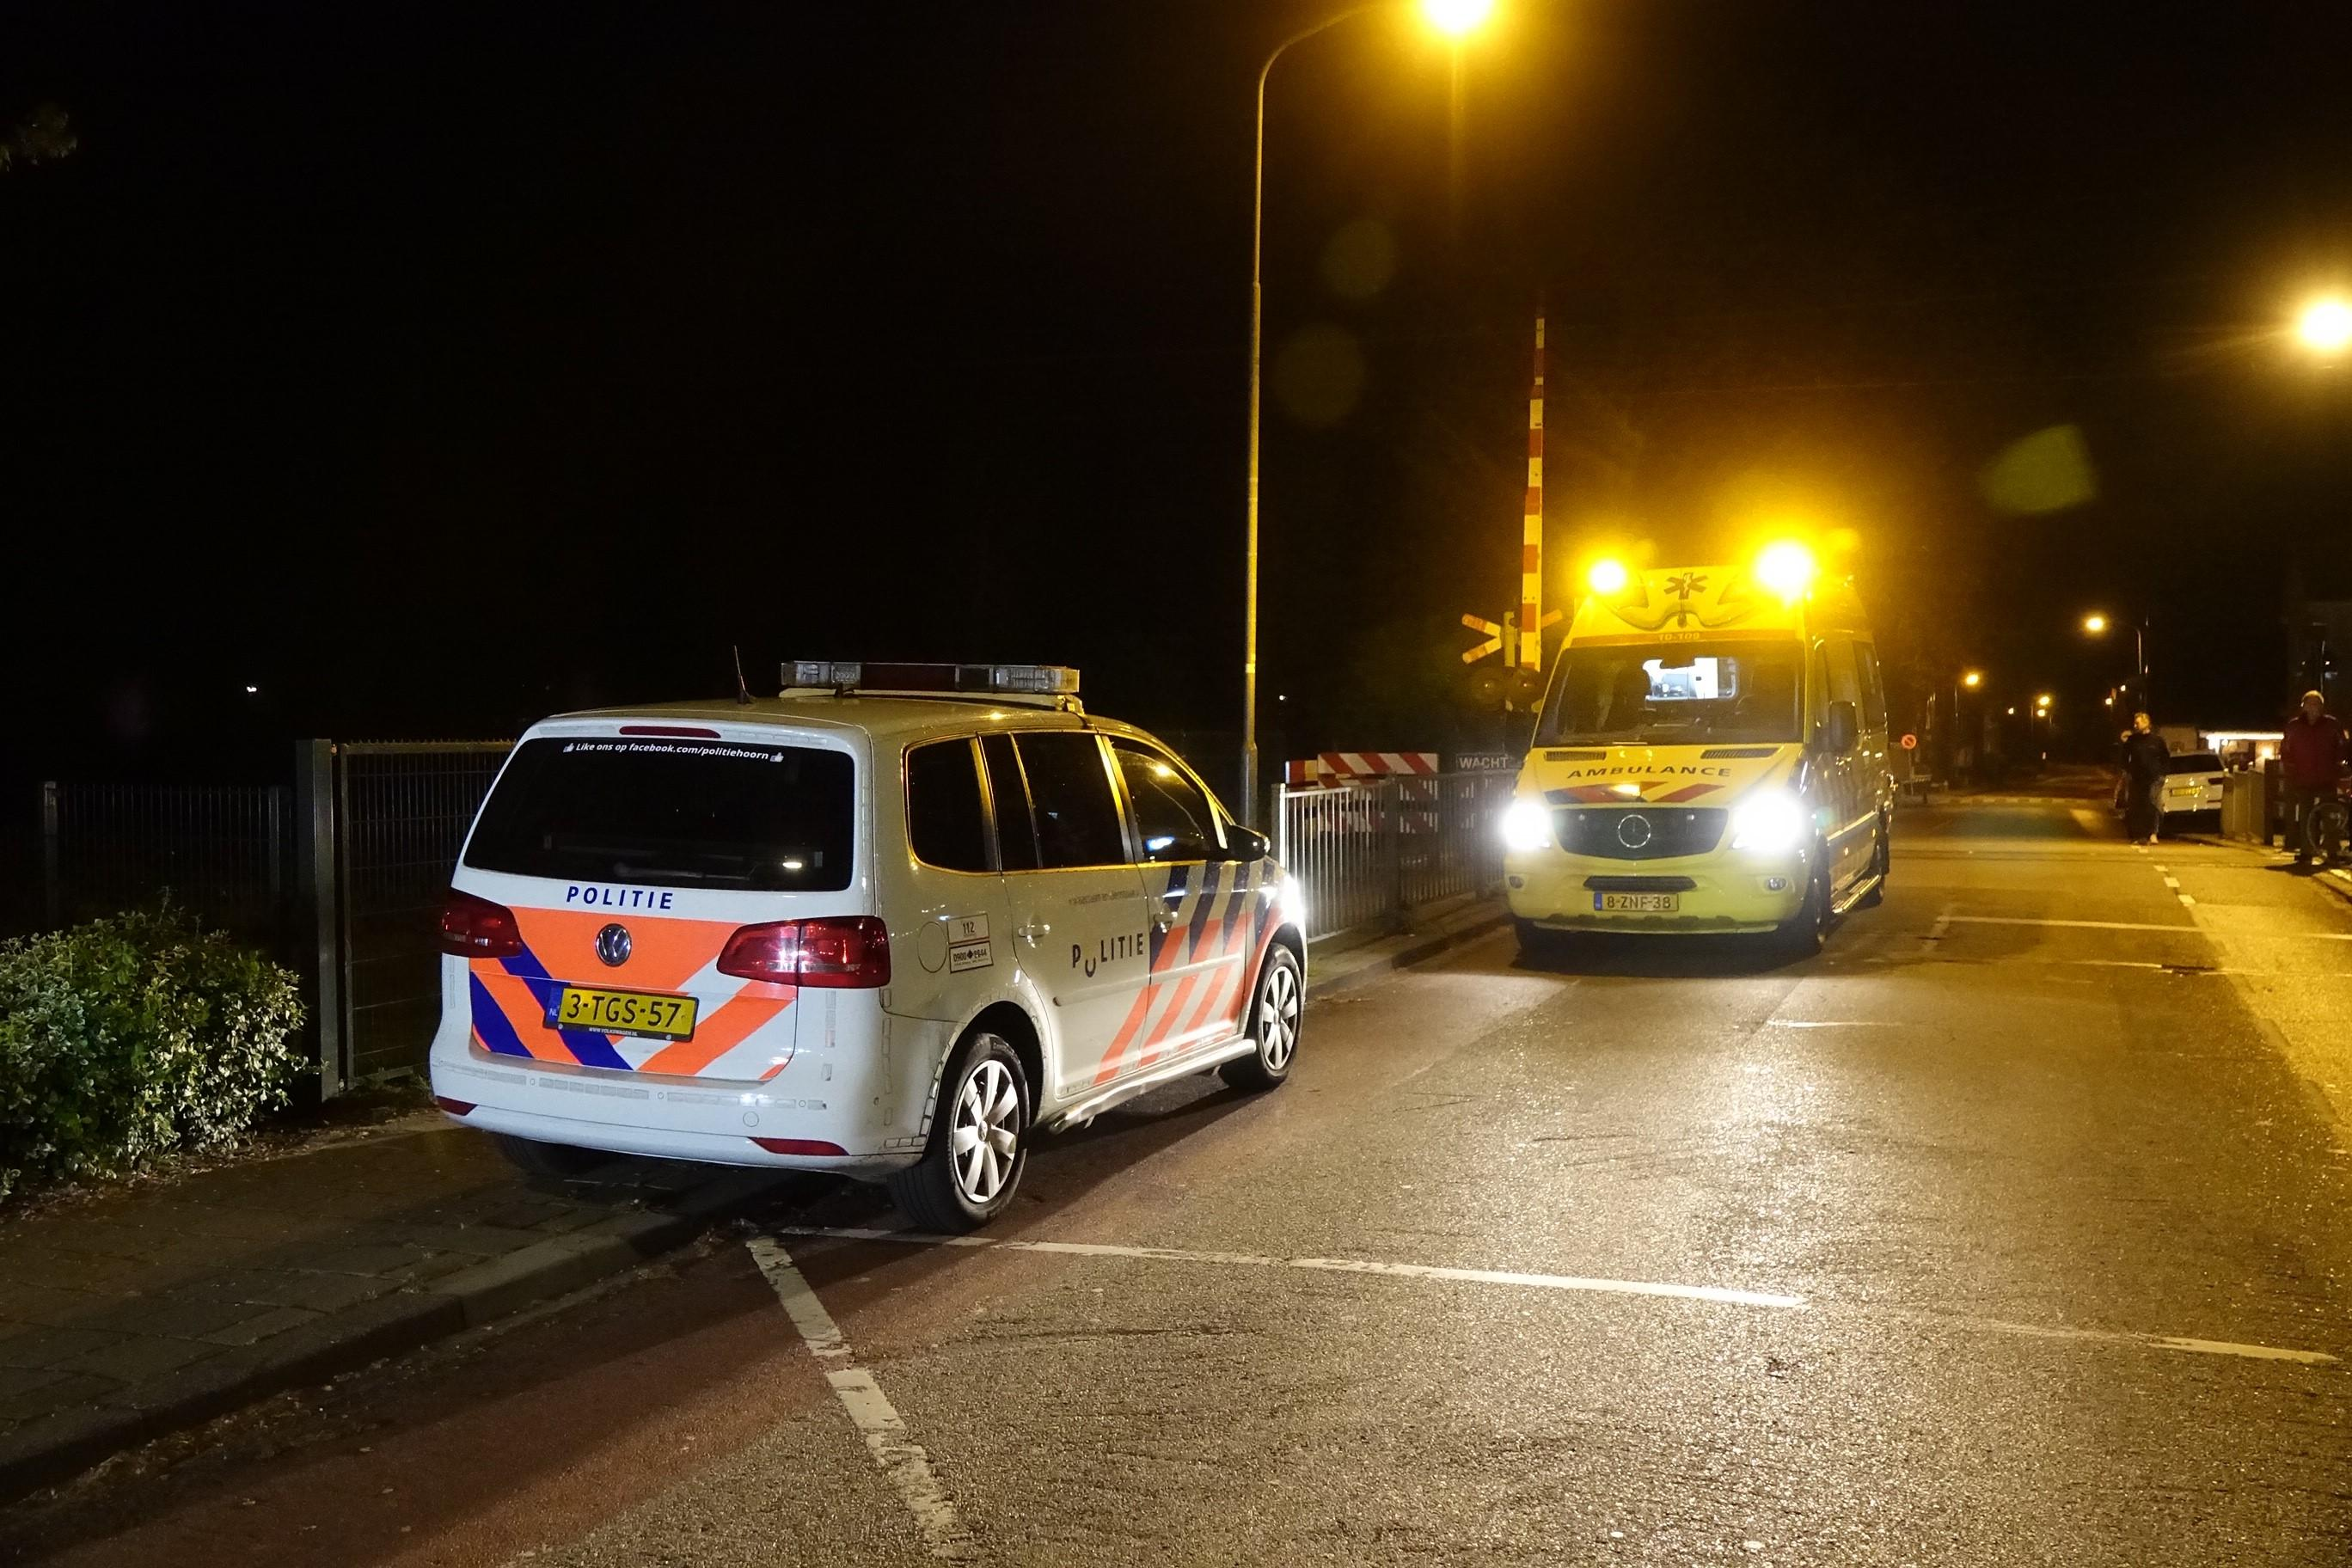 Man overlijdt door aanrijding met trein bij station Bovenkarspel Flora [update]